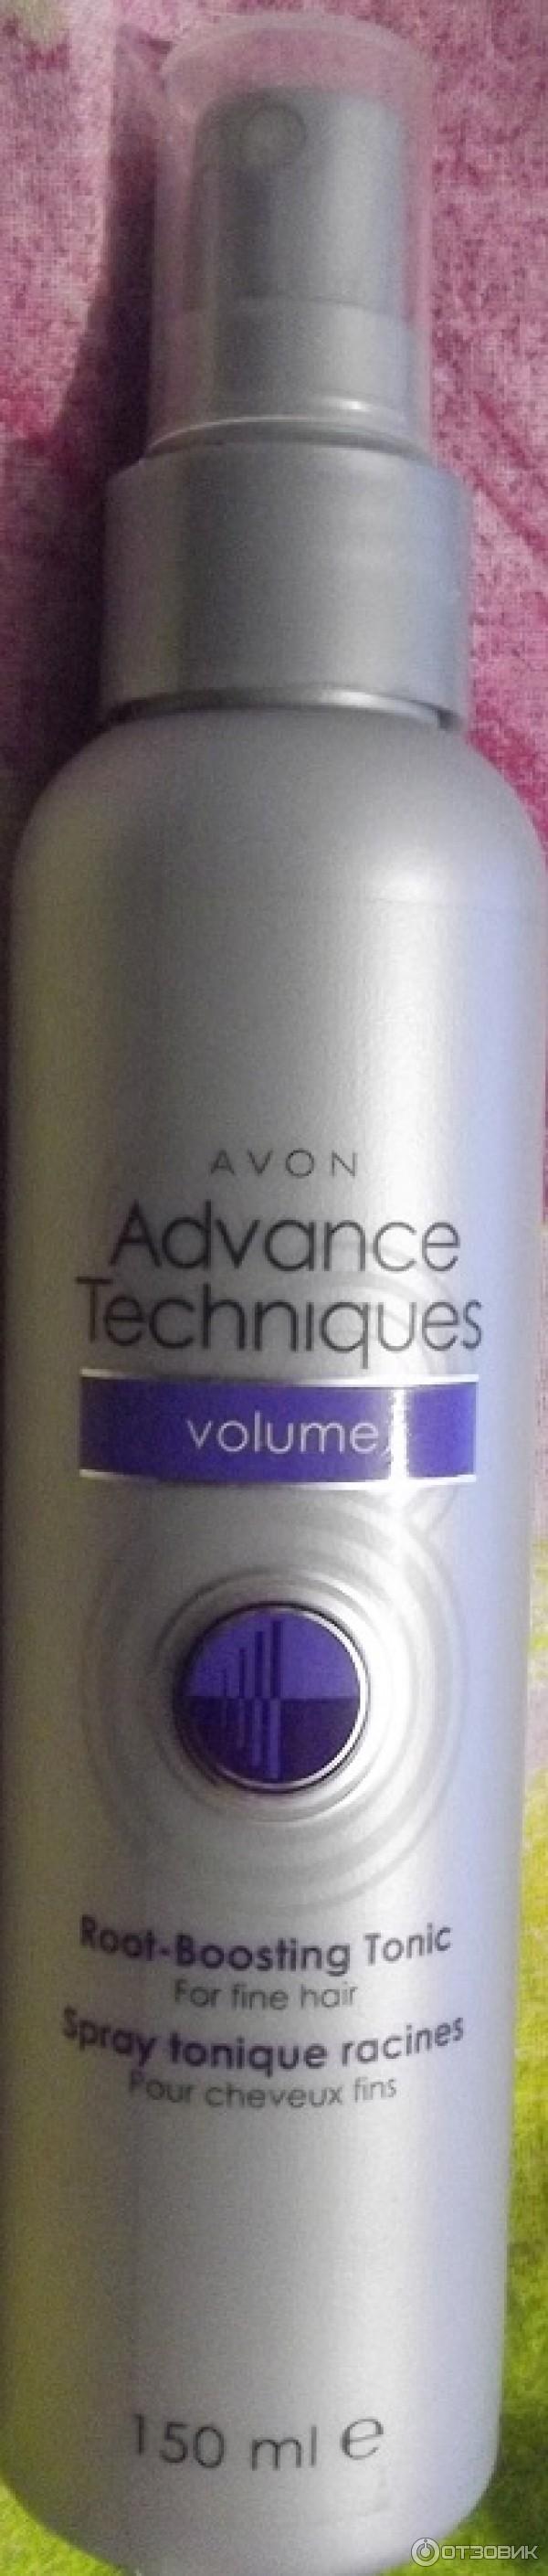 Спрей для объёма волос эйвон отзывы